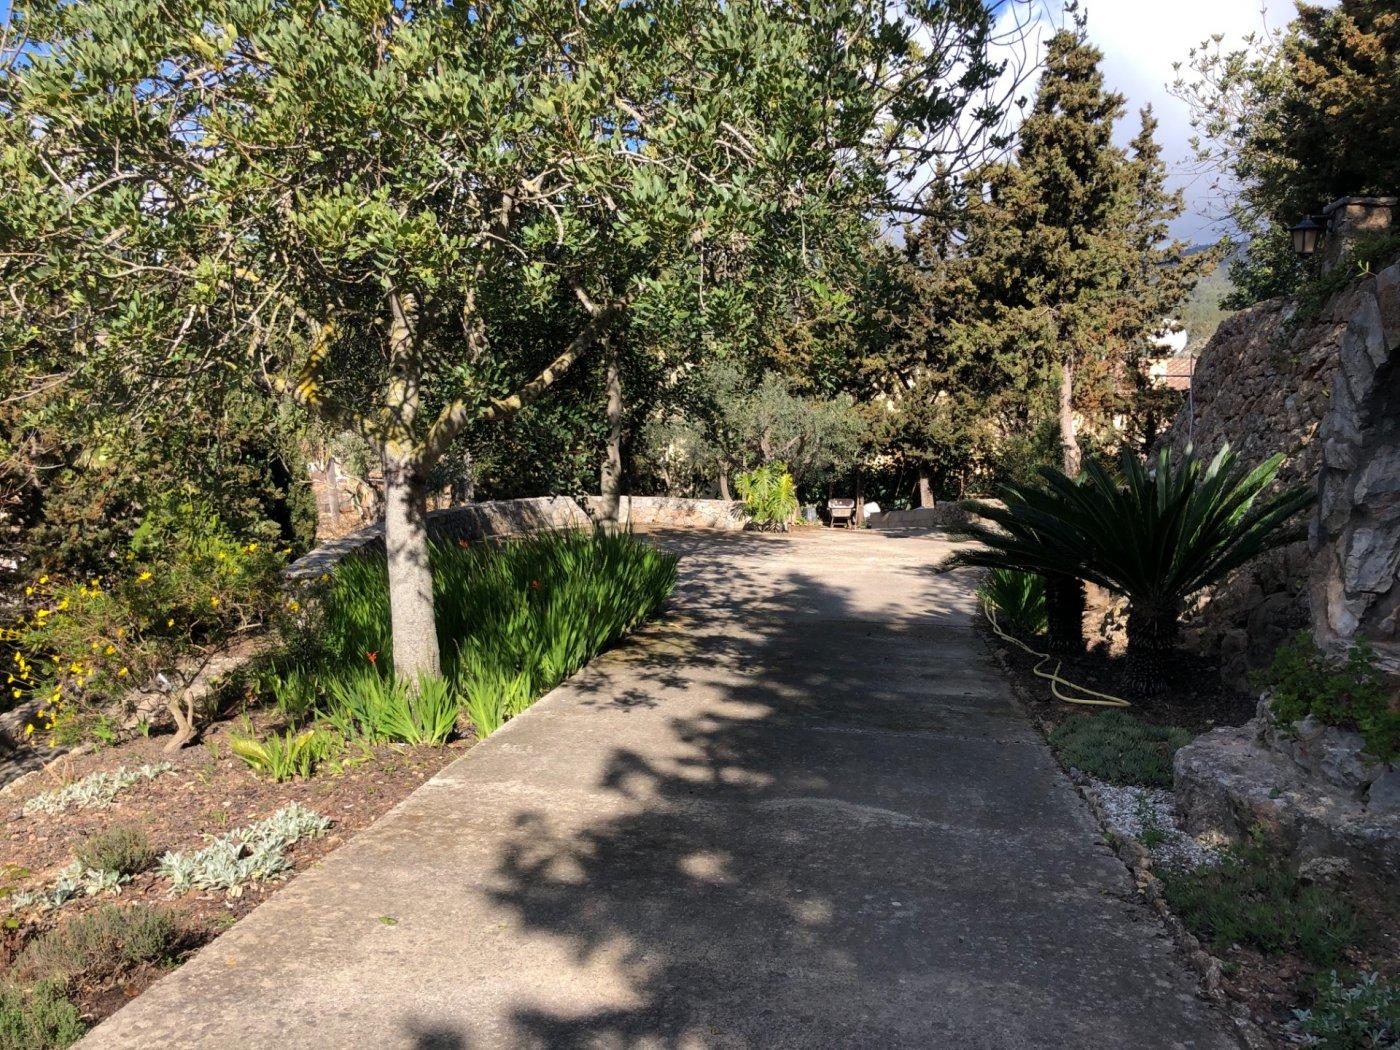 Oportunidad de comprar un fantástico terreno en suelo urbano en esporles - imagenInmueble11